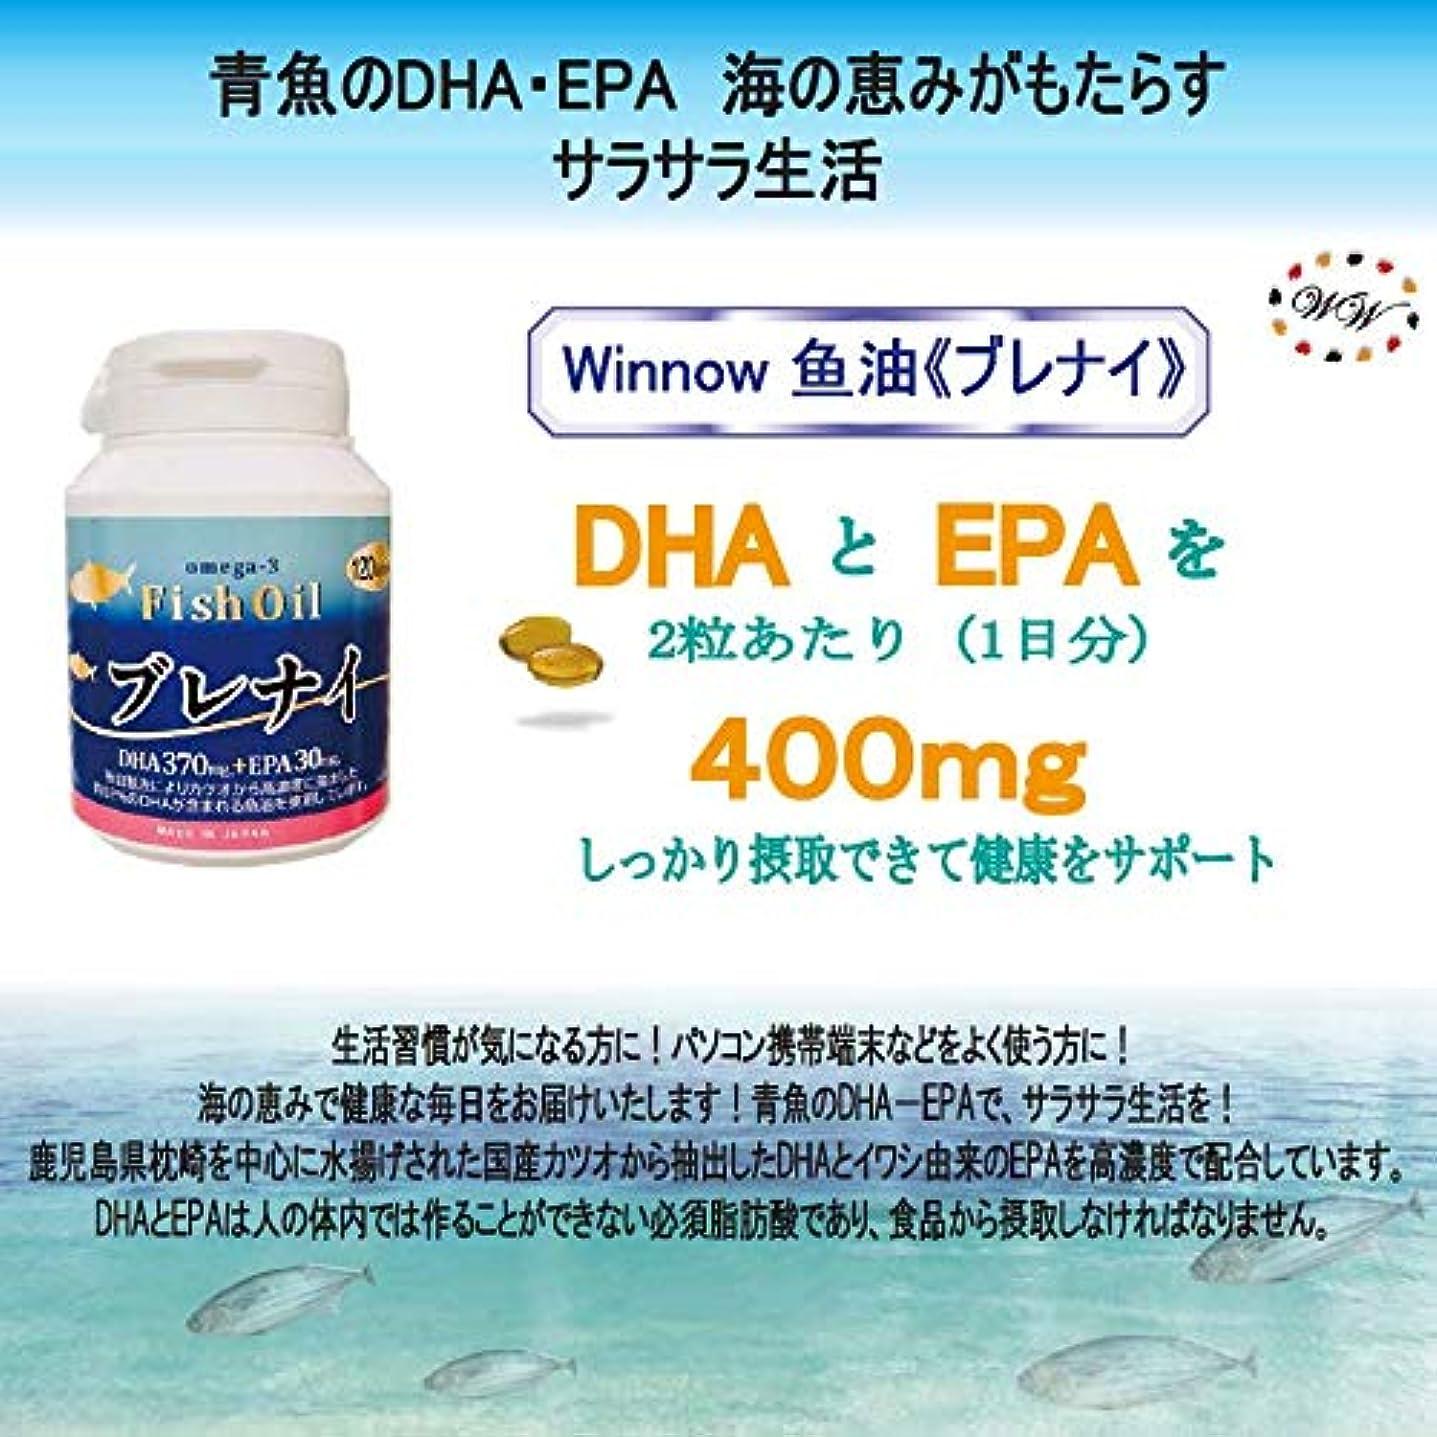 シュートペリスコープインゲンWinnow魚油<ブレナイ> オメガ3脂肪酸 Omega3 Fish oil 日本産高濃度DHA、EPA / 120粒入り